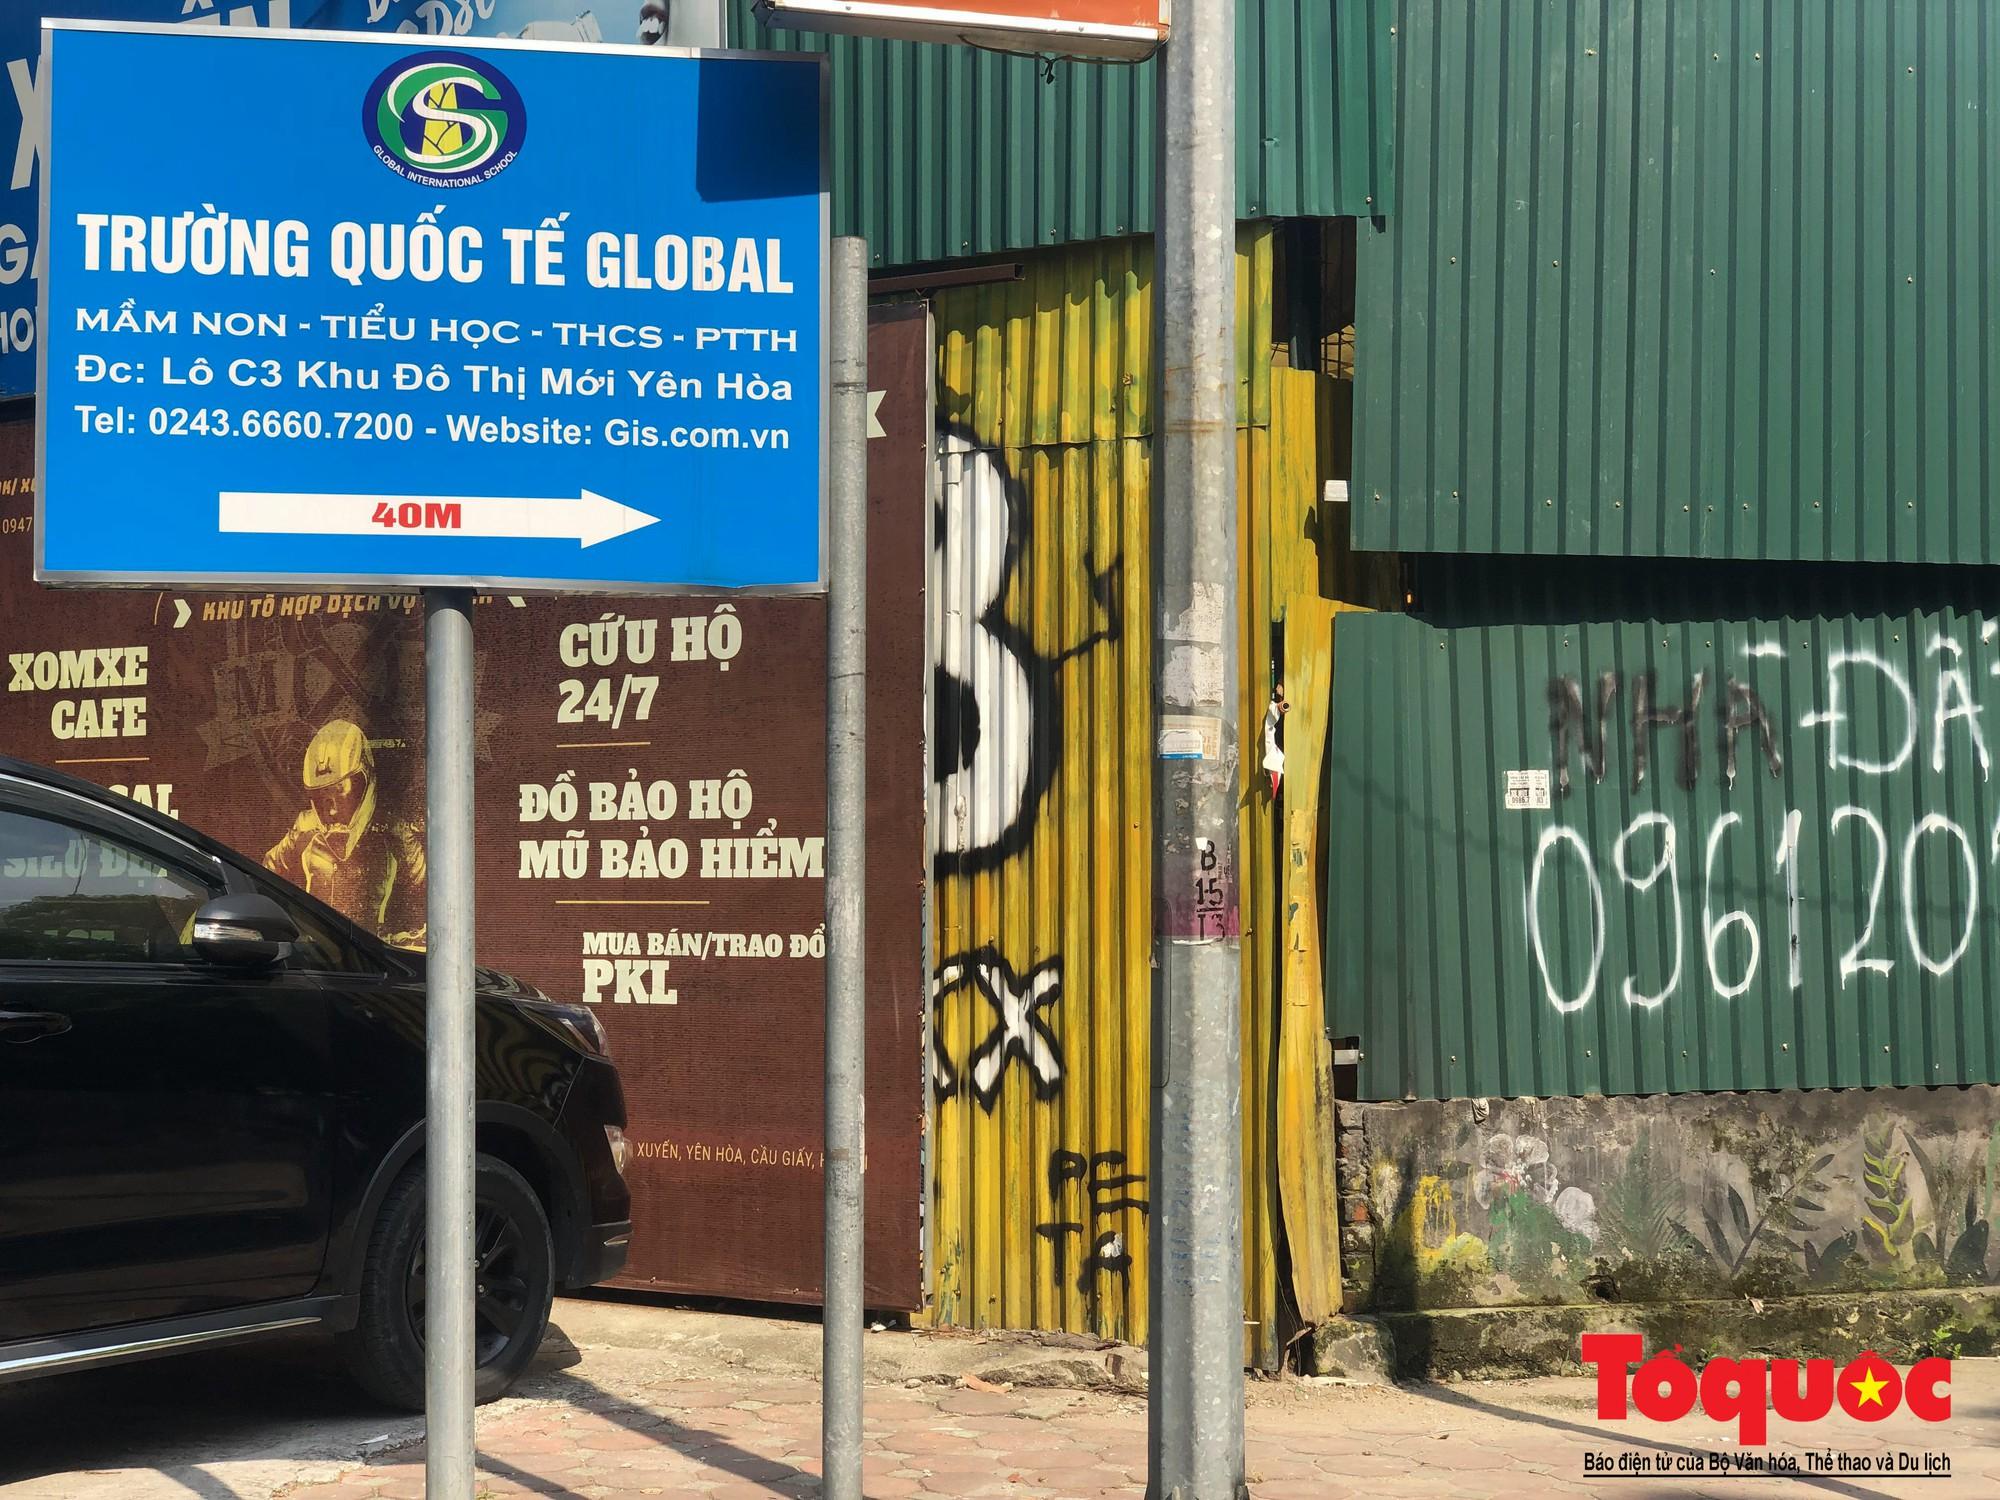 Loạn danh xưng trường quốc tế trên địa bàn quận Cầu Giấy (1)